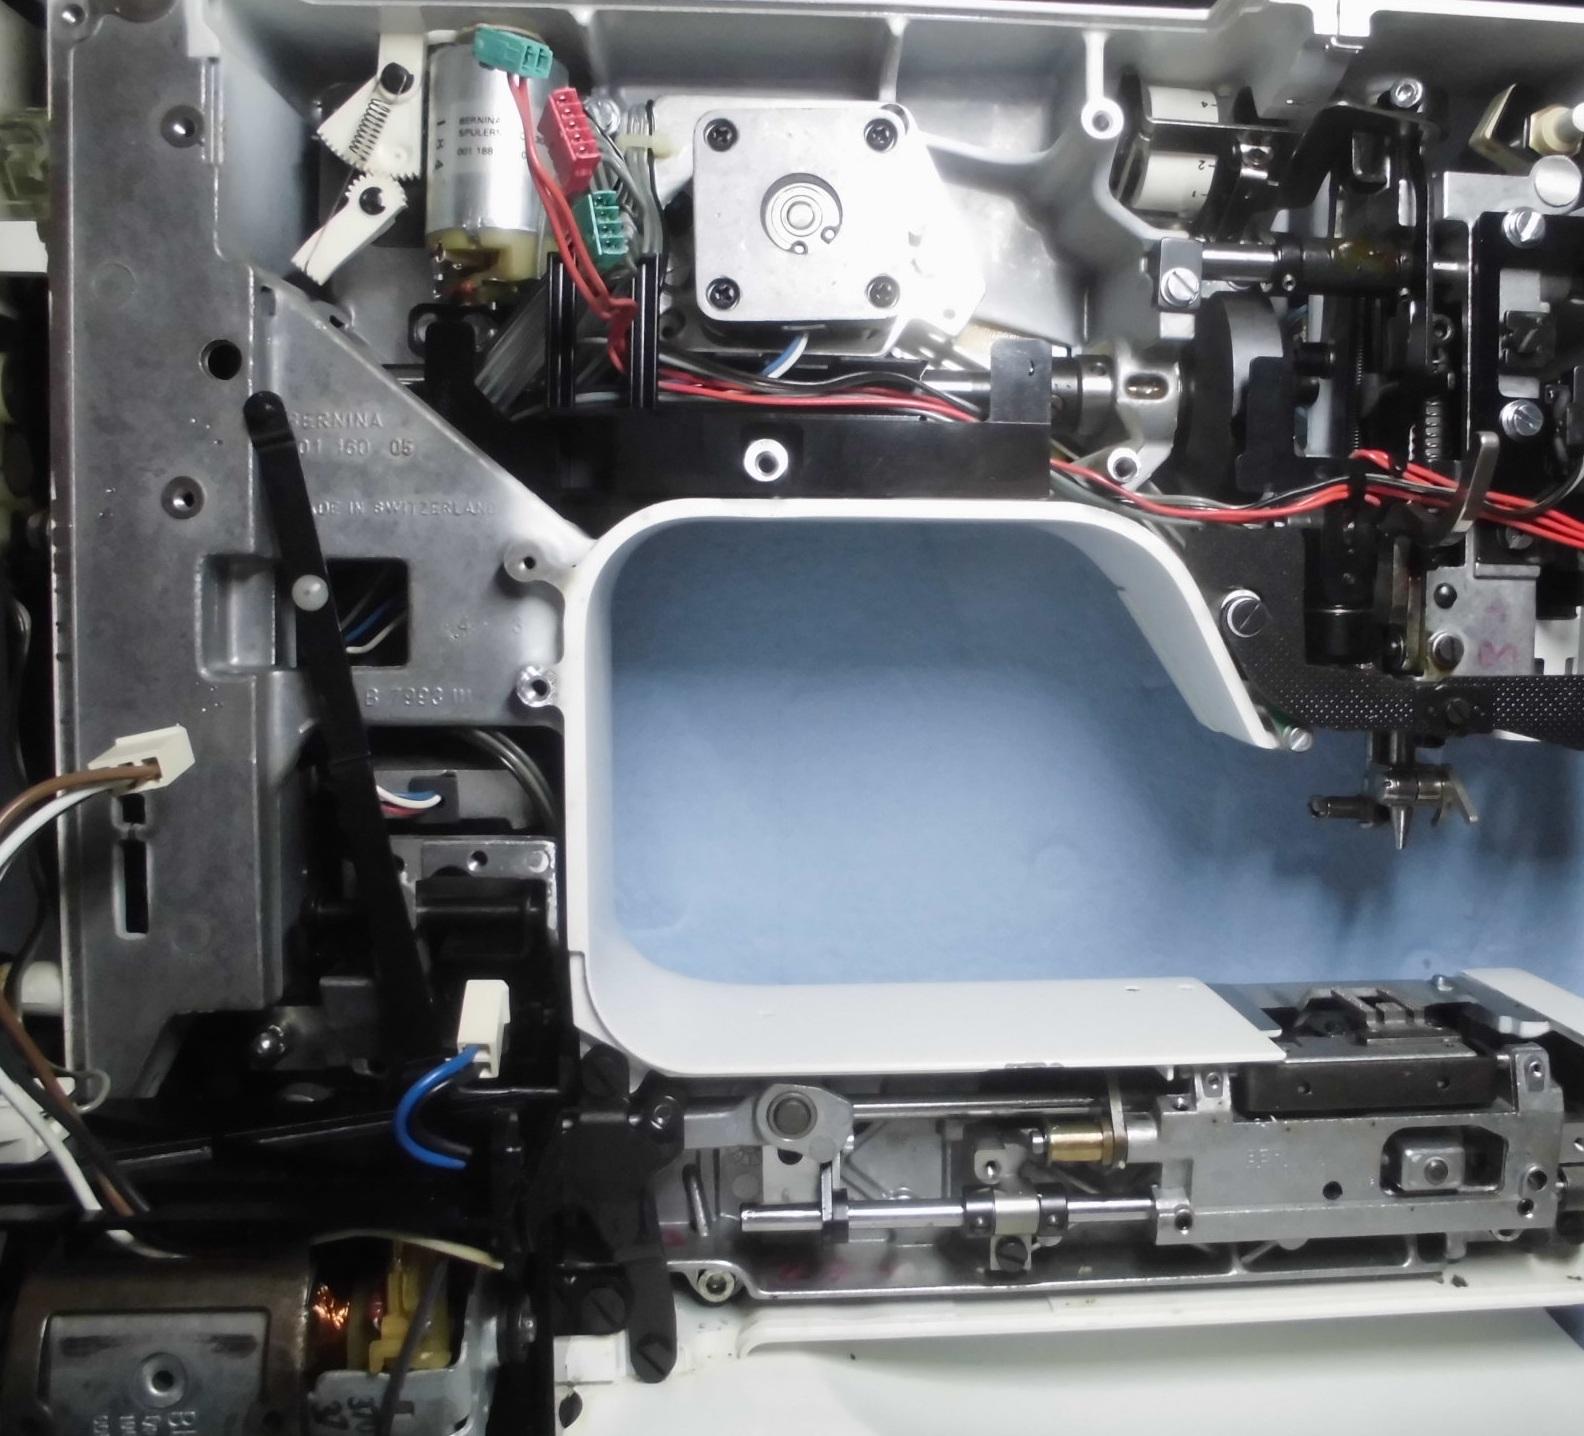 メイン基板や背面カバーなどを外したホリデーヌ1241の分解画像です